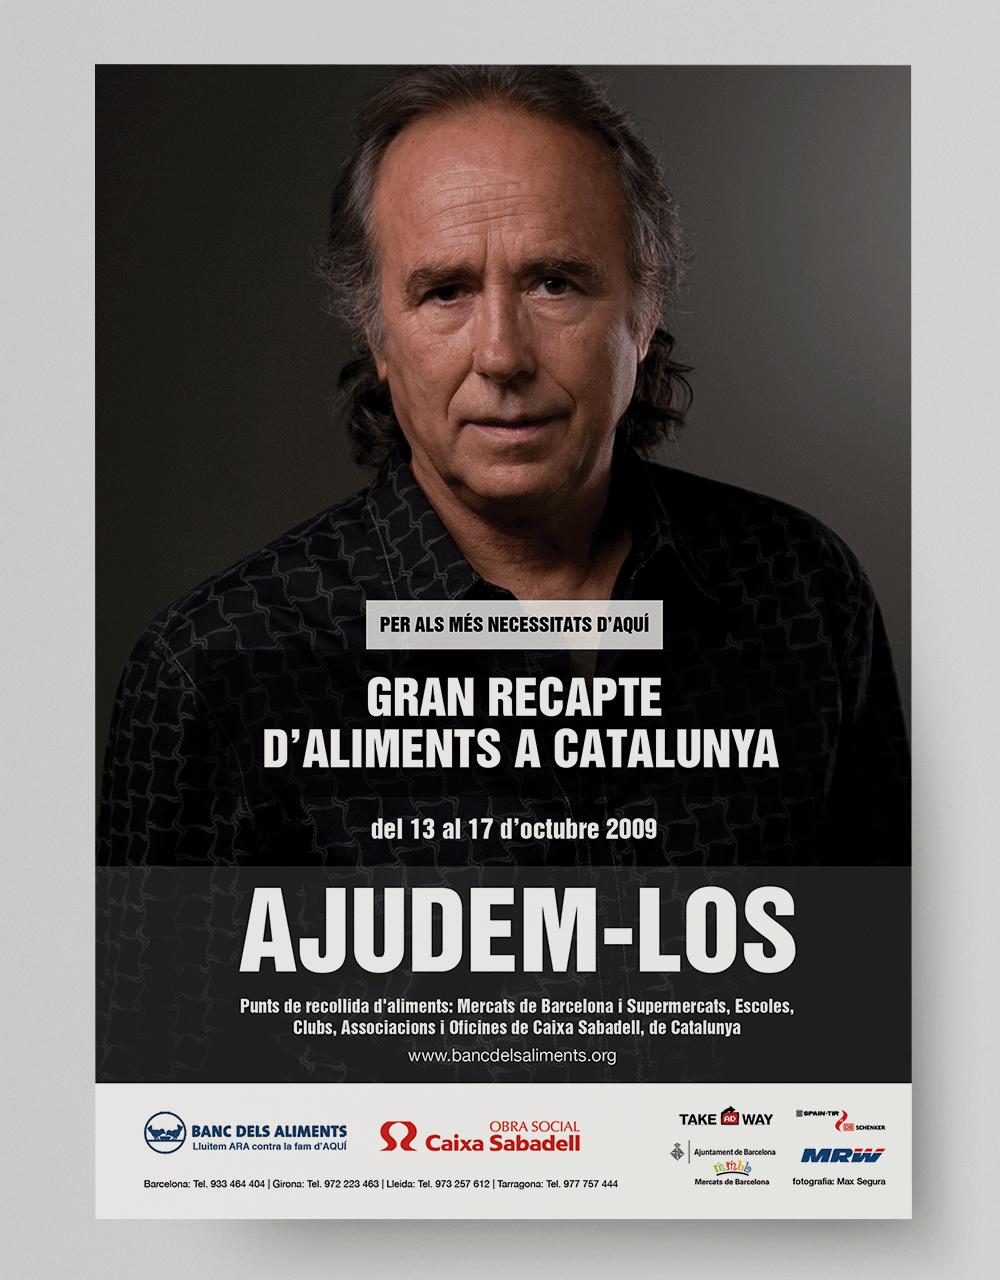 Campaña_GranRecapte_BancAliments_2009_Serrat